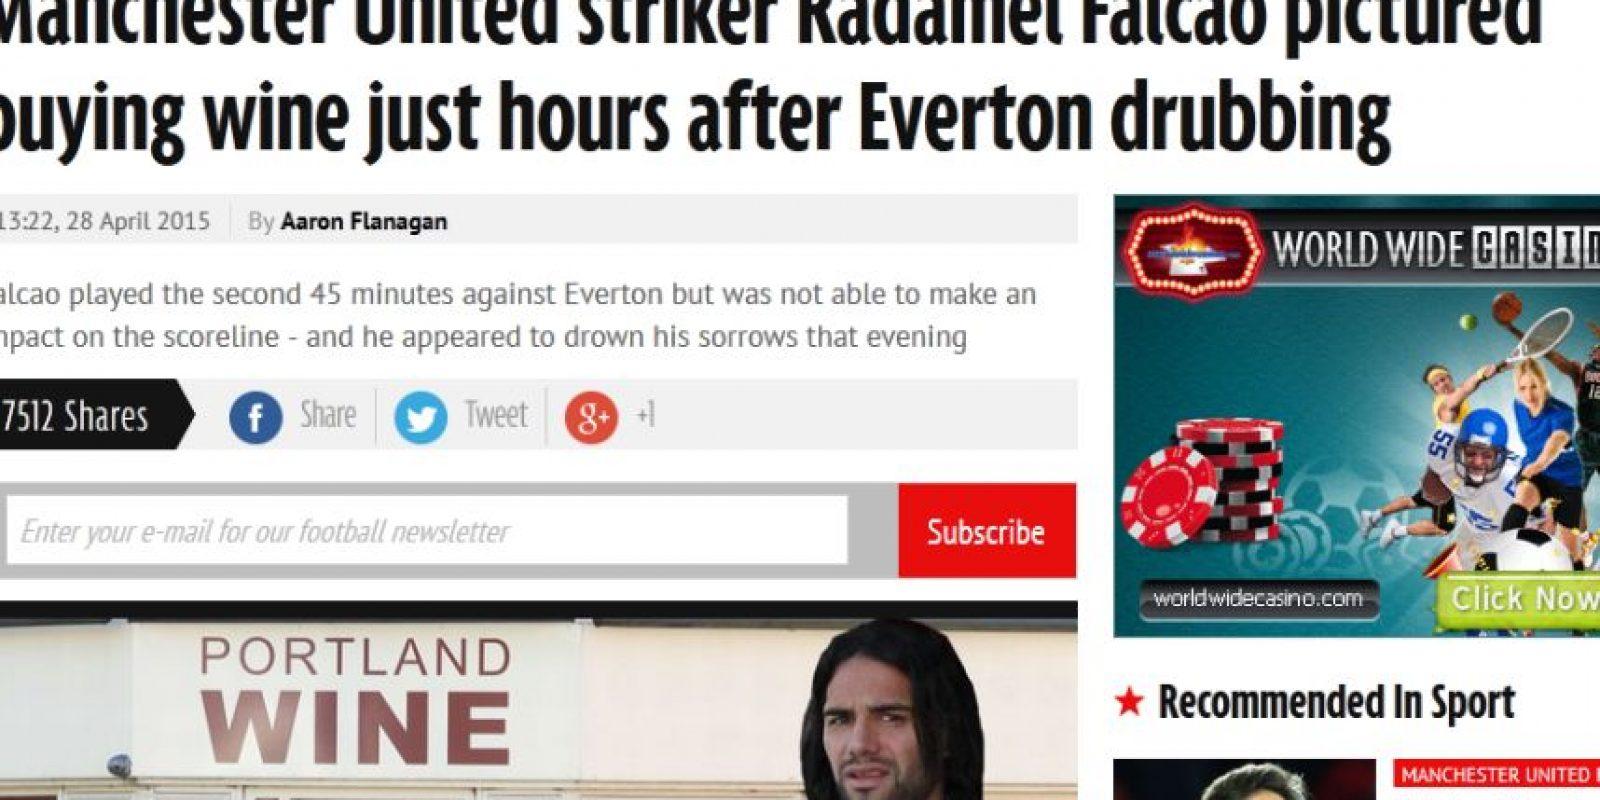 La publicación que realizó el Daily Mirror sobre la compra de vino de Falcao Foto:Captura de pantalla mirror.co.uk